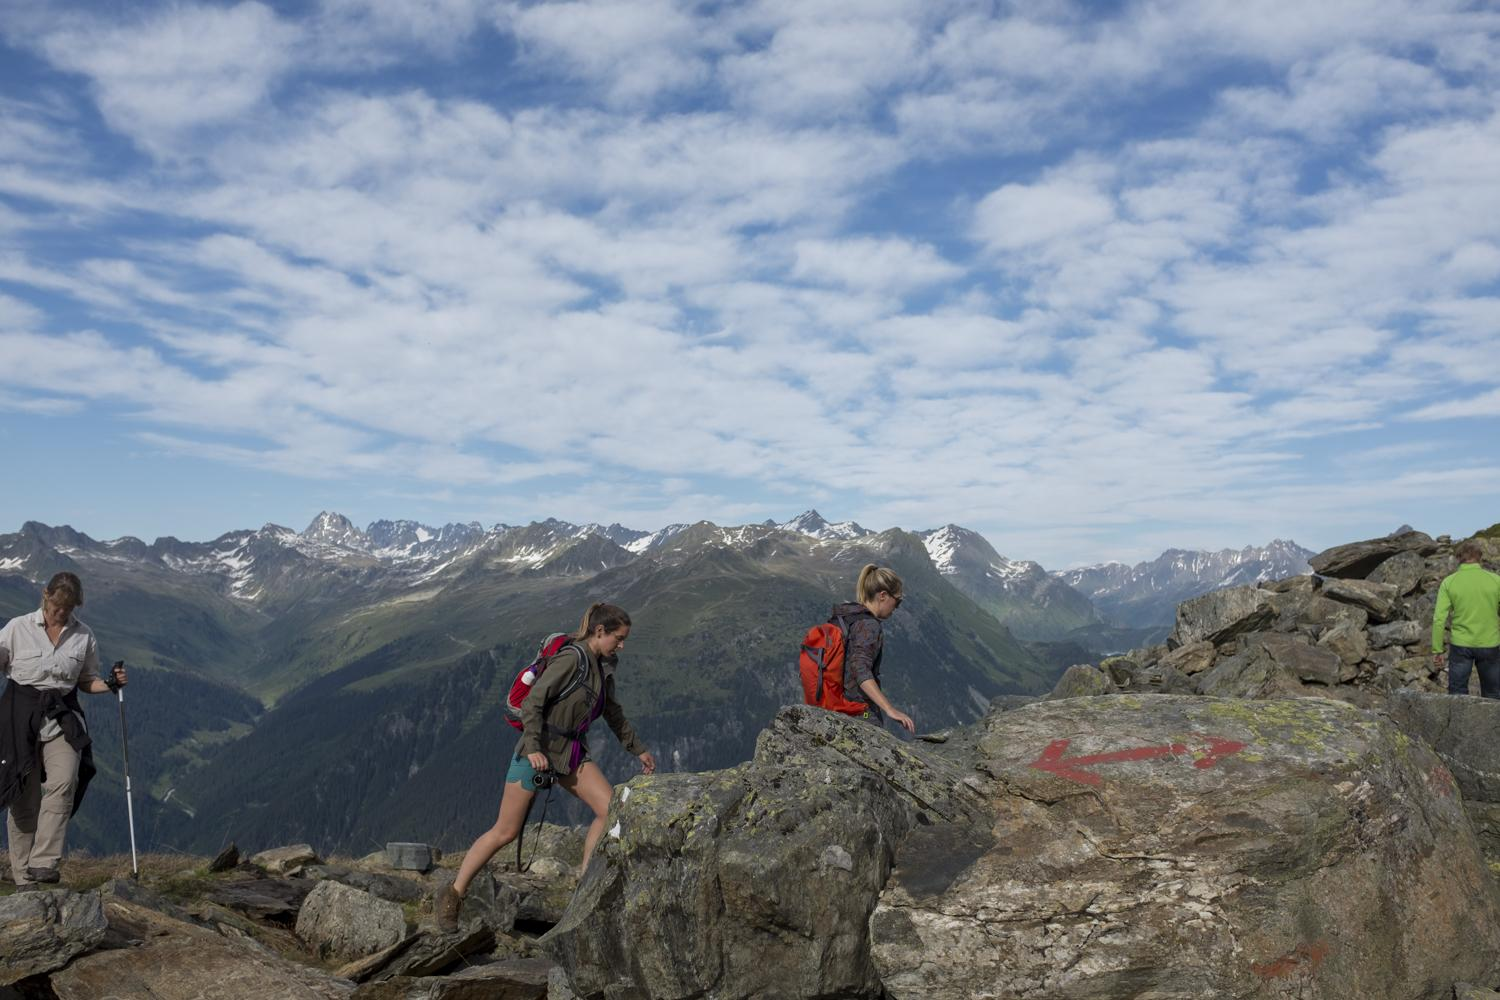 Kamperen op 2200 meter hoogte in het Montafongebergte, Oostenrijk.